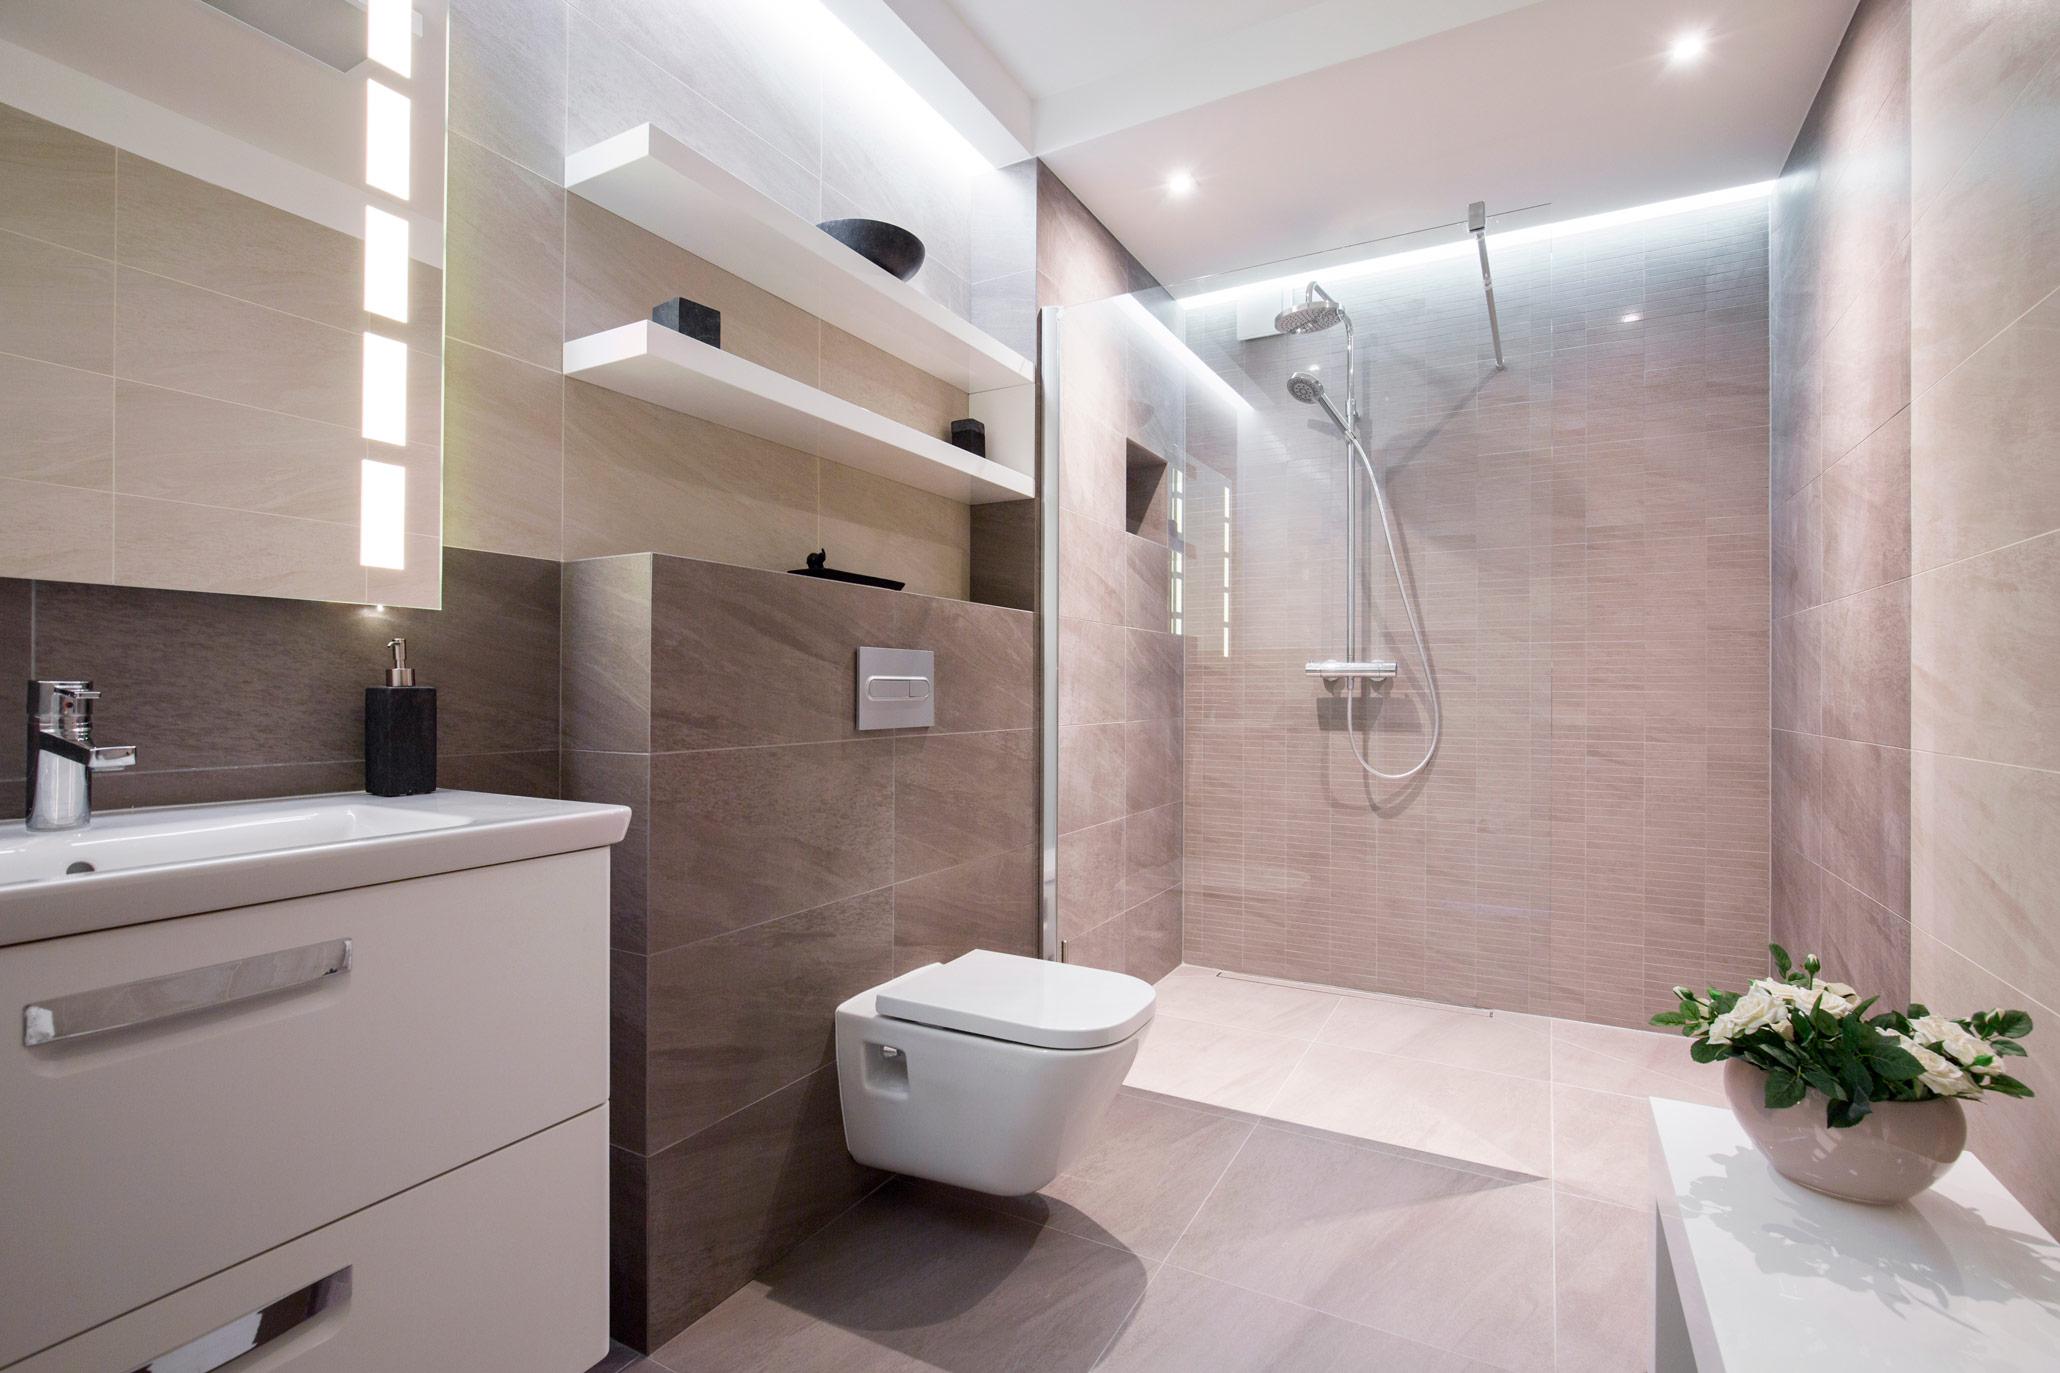 Bad med vask, toalett og dusj og fine fliser